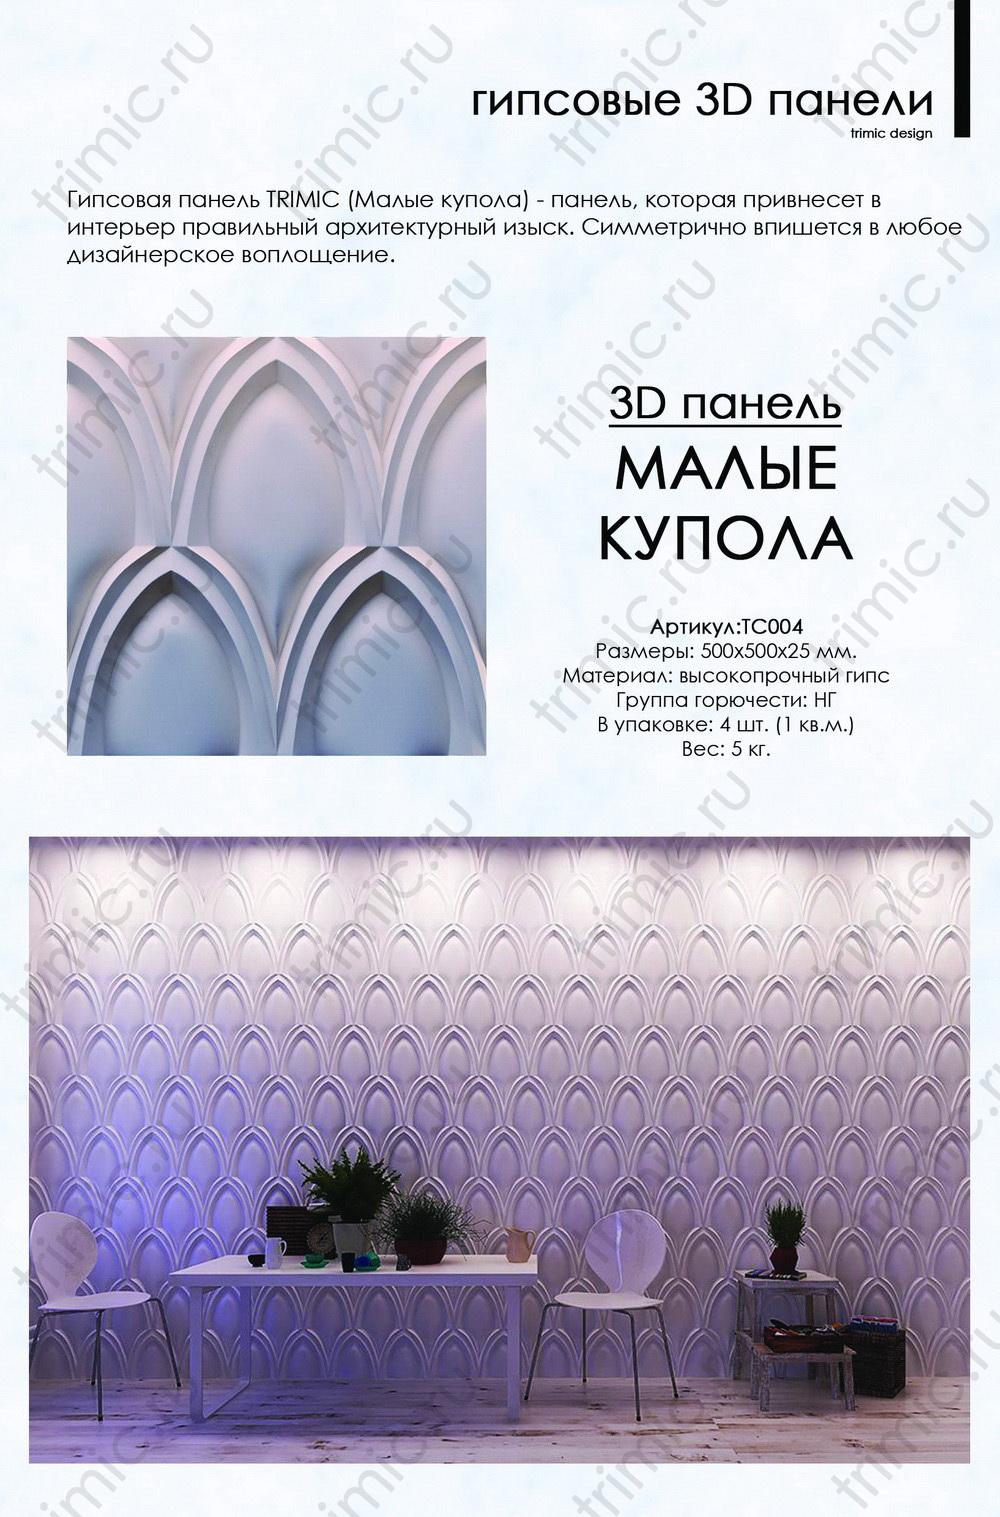 """3D панель из гипса """"Малые купола"""" для интерьерного оформления стен."""